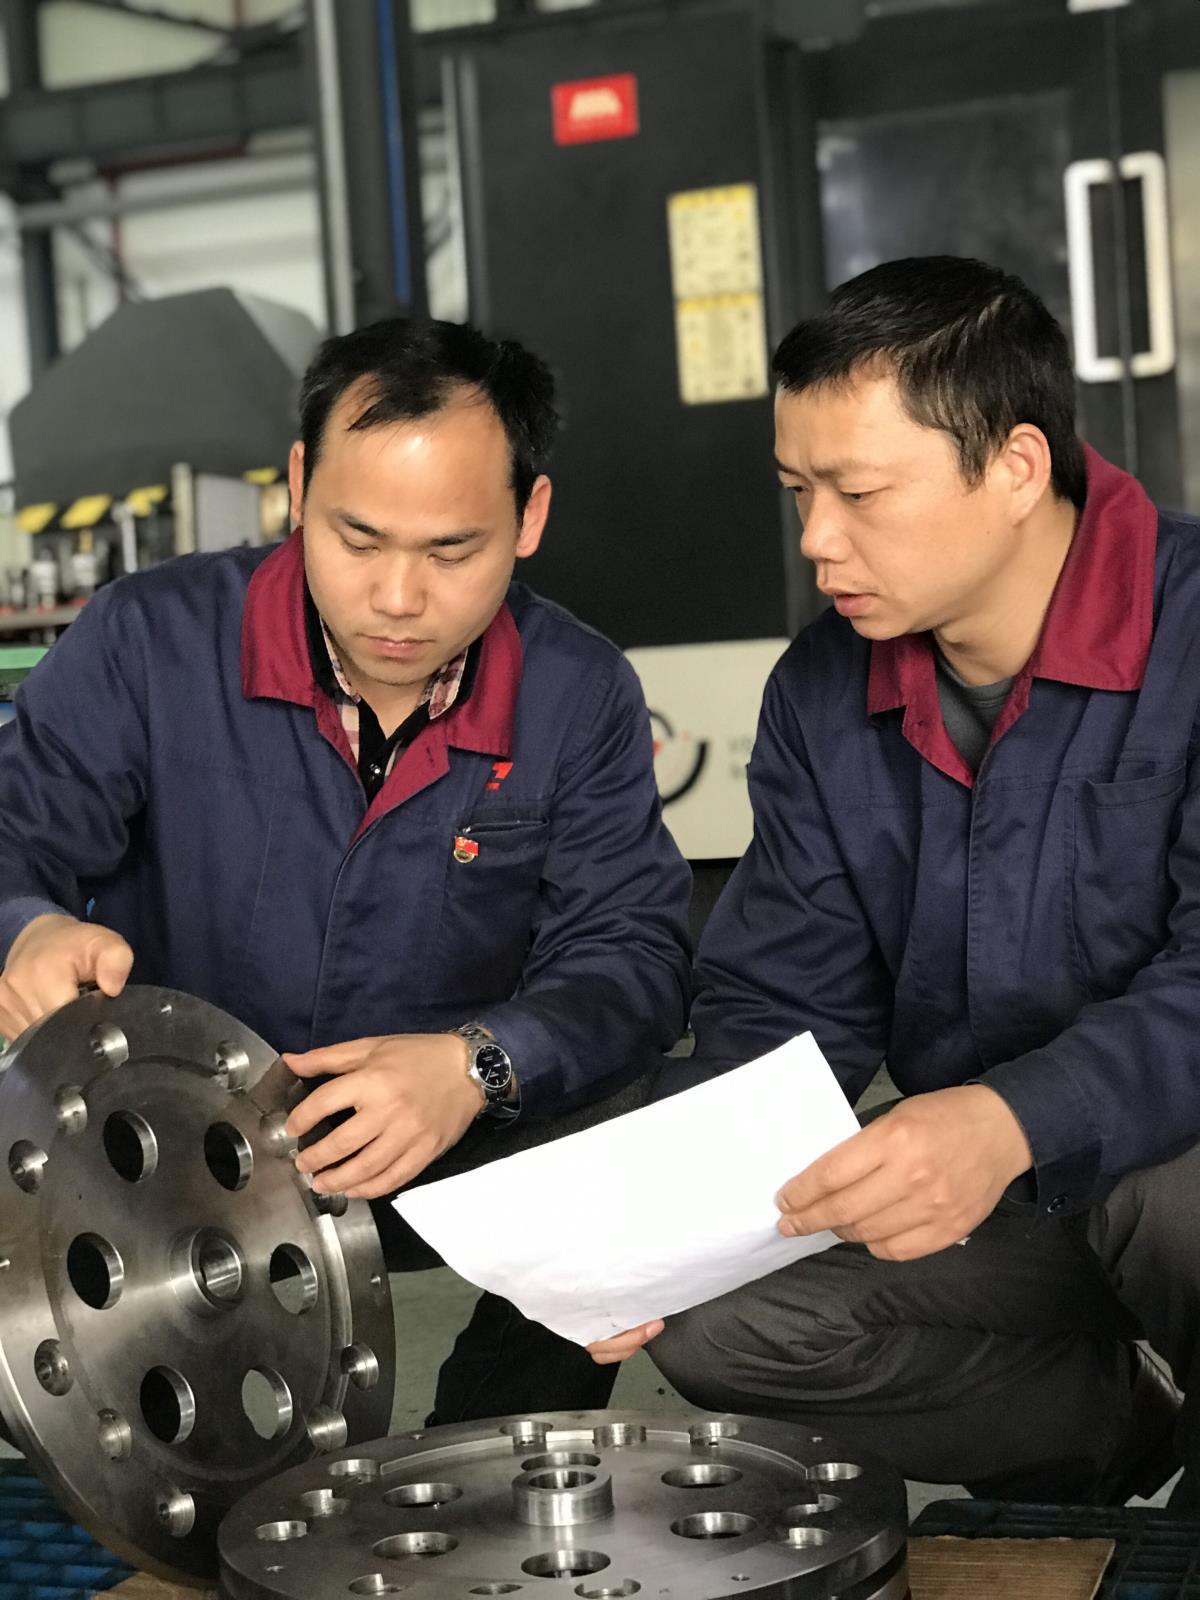 甘达淅老师在与徒弟龚荣探讨新产品转向轴工艺.jpg